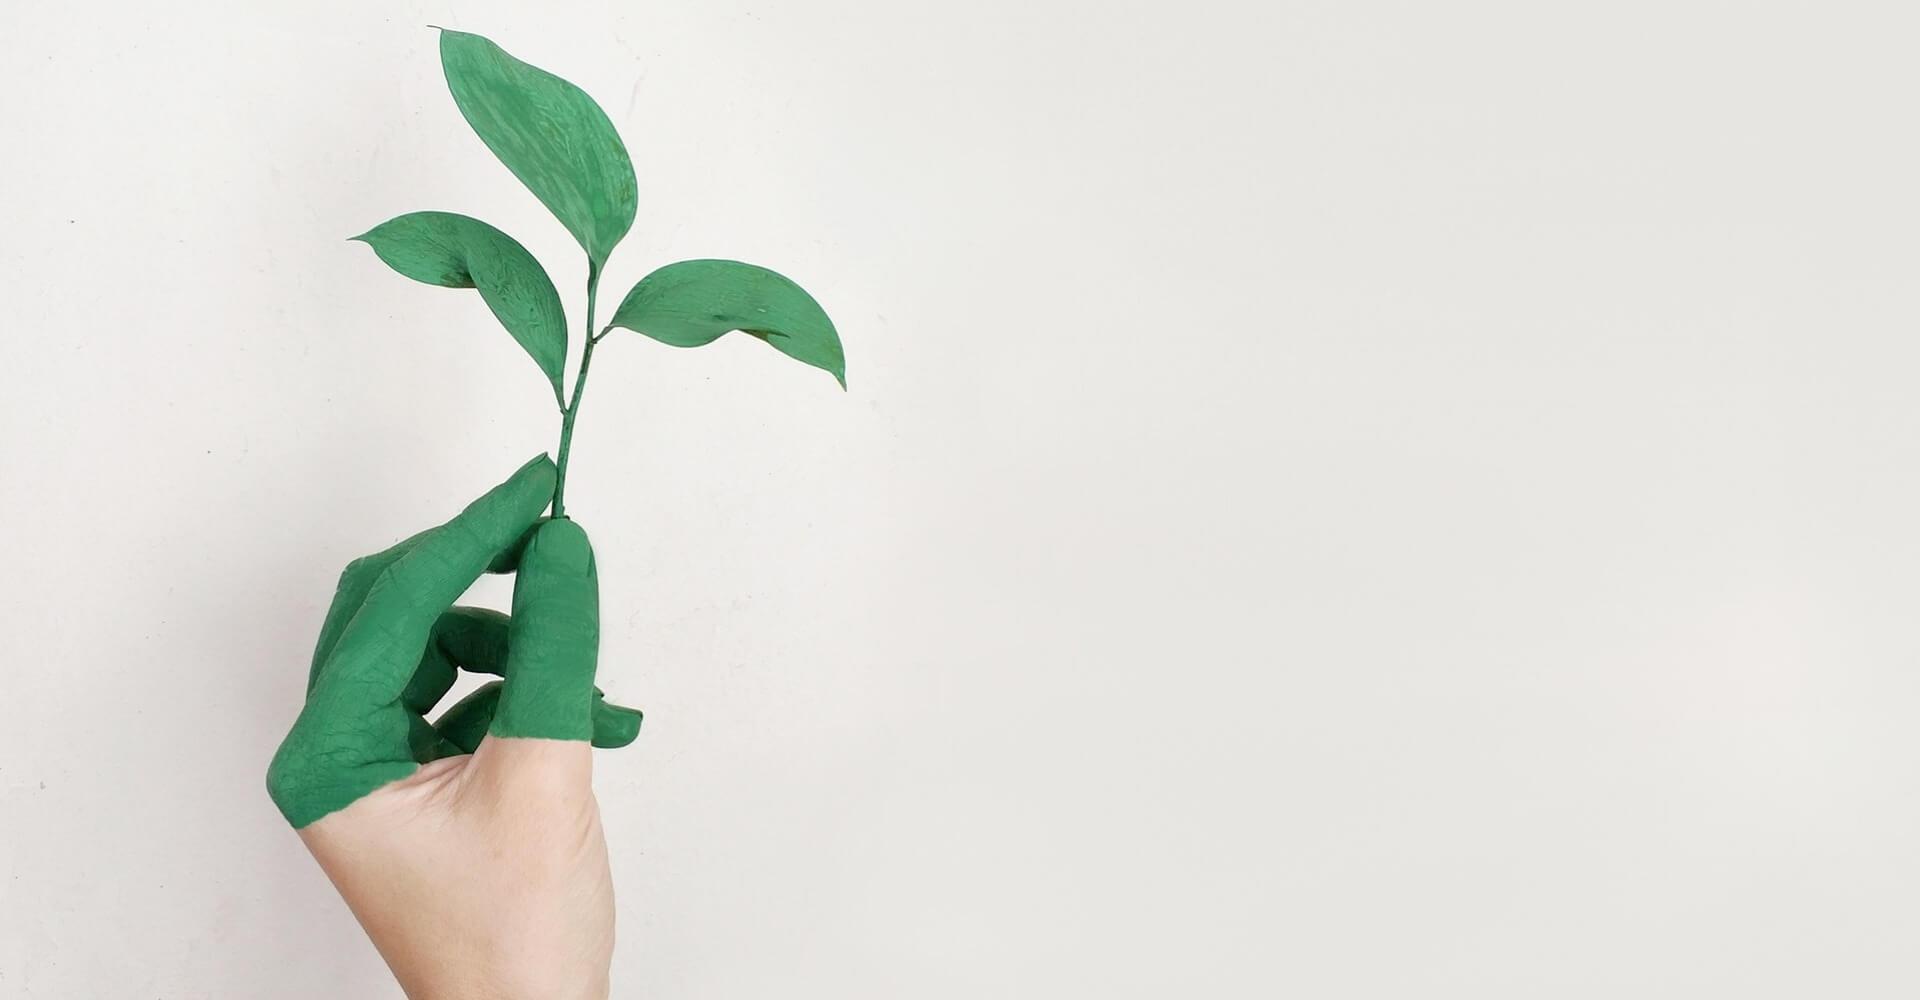 jak chronić środowisko?